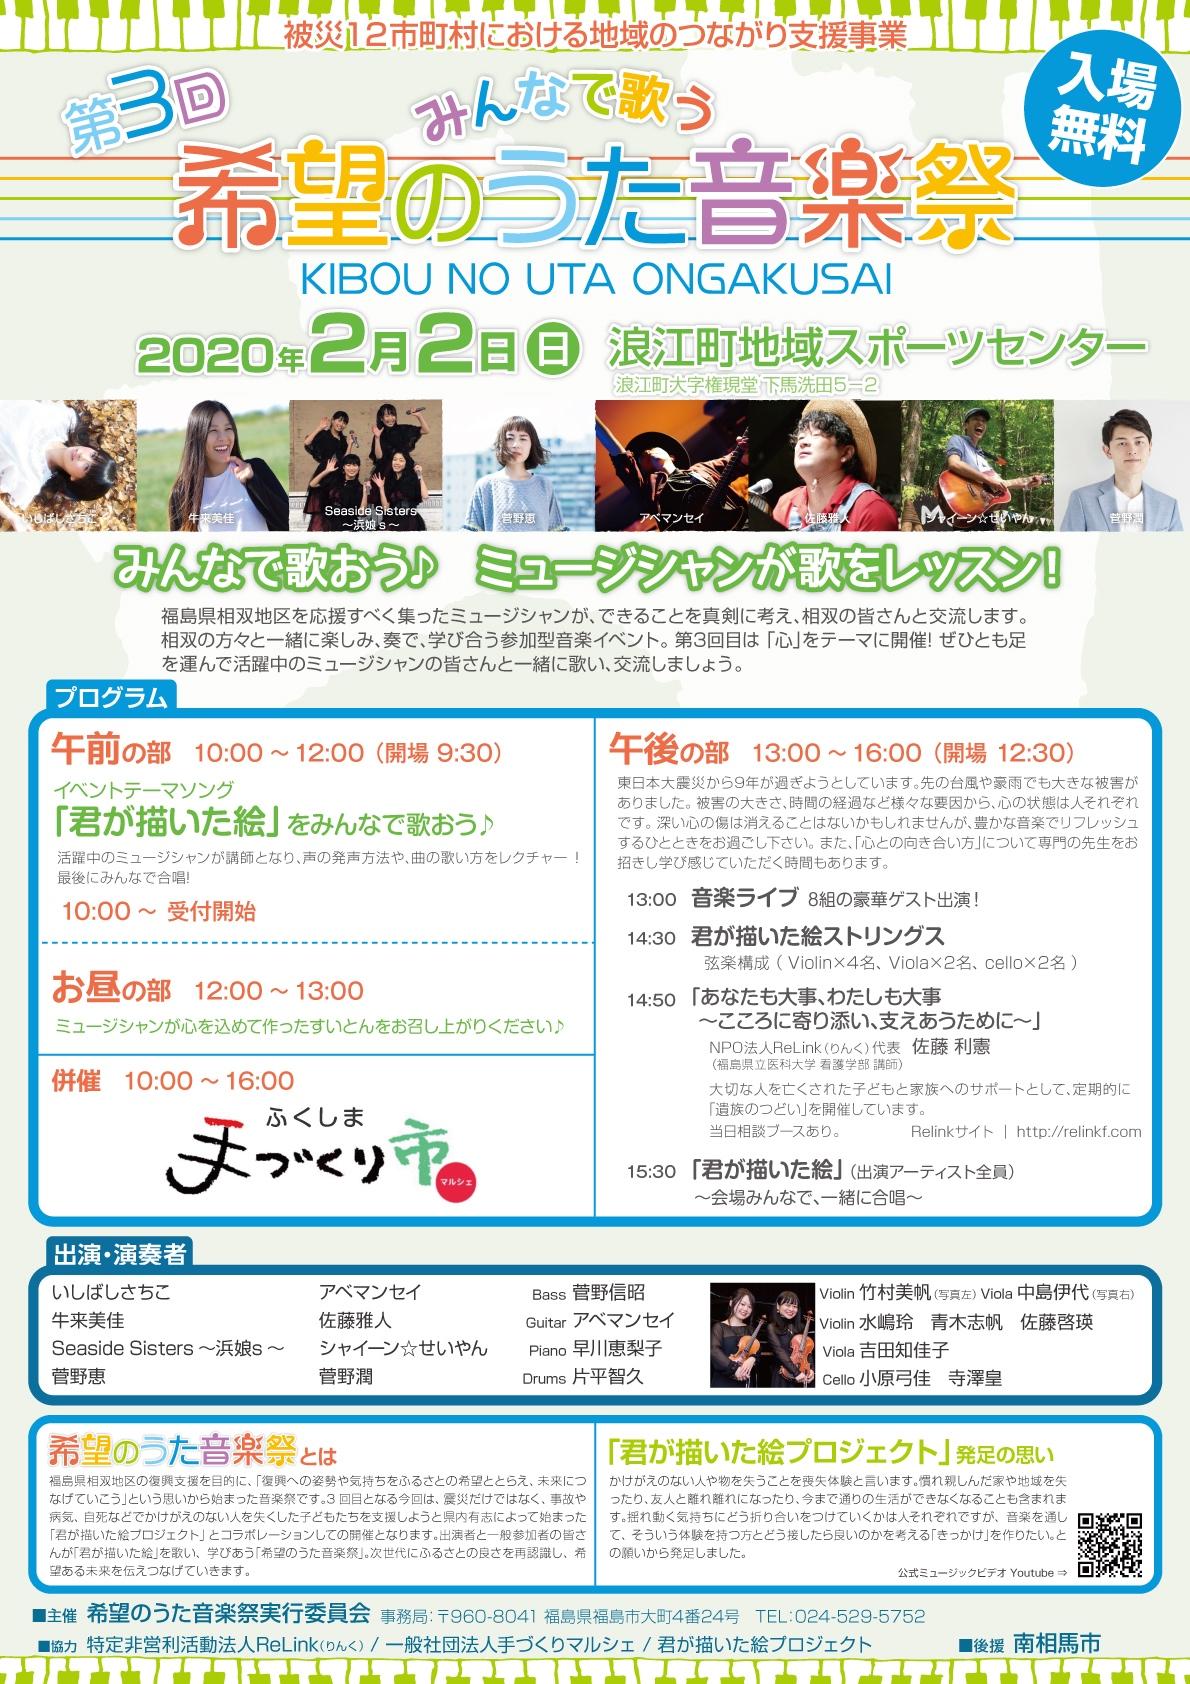 第3回 みんなで歌う 希望のうた音楽祭 @ 浪江町地域スポーツセンター